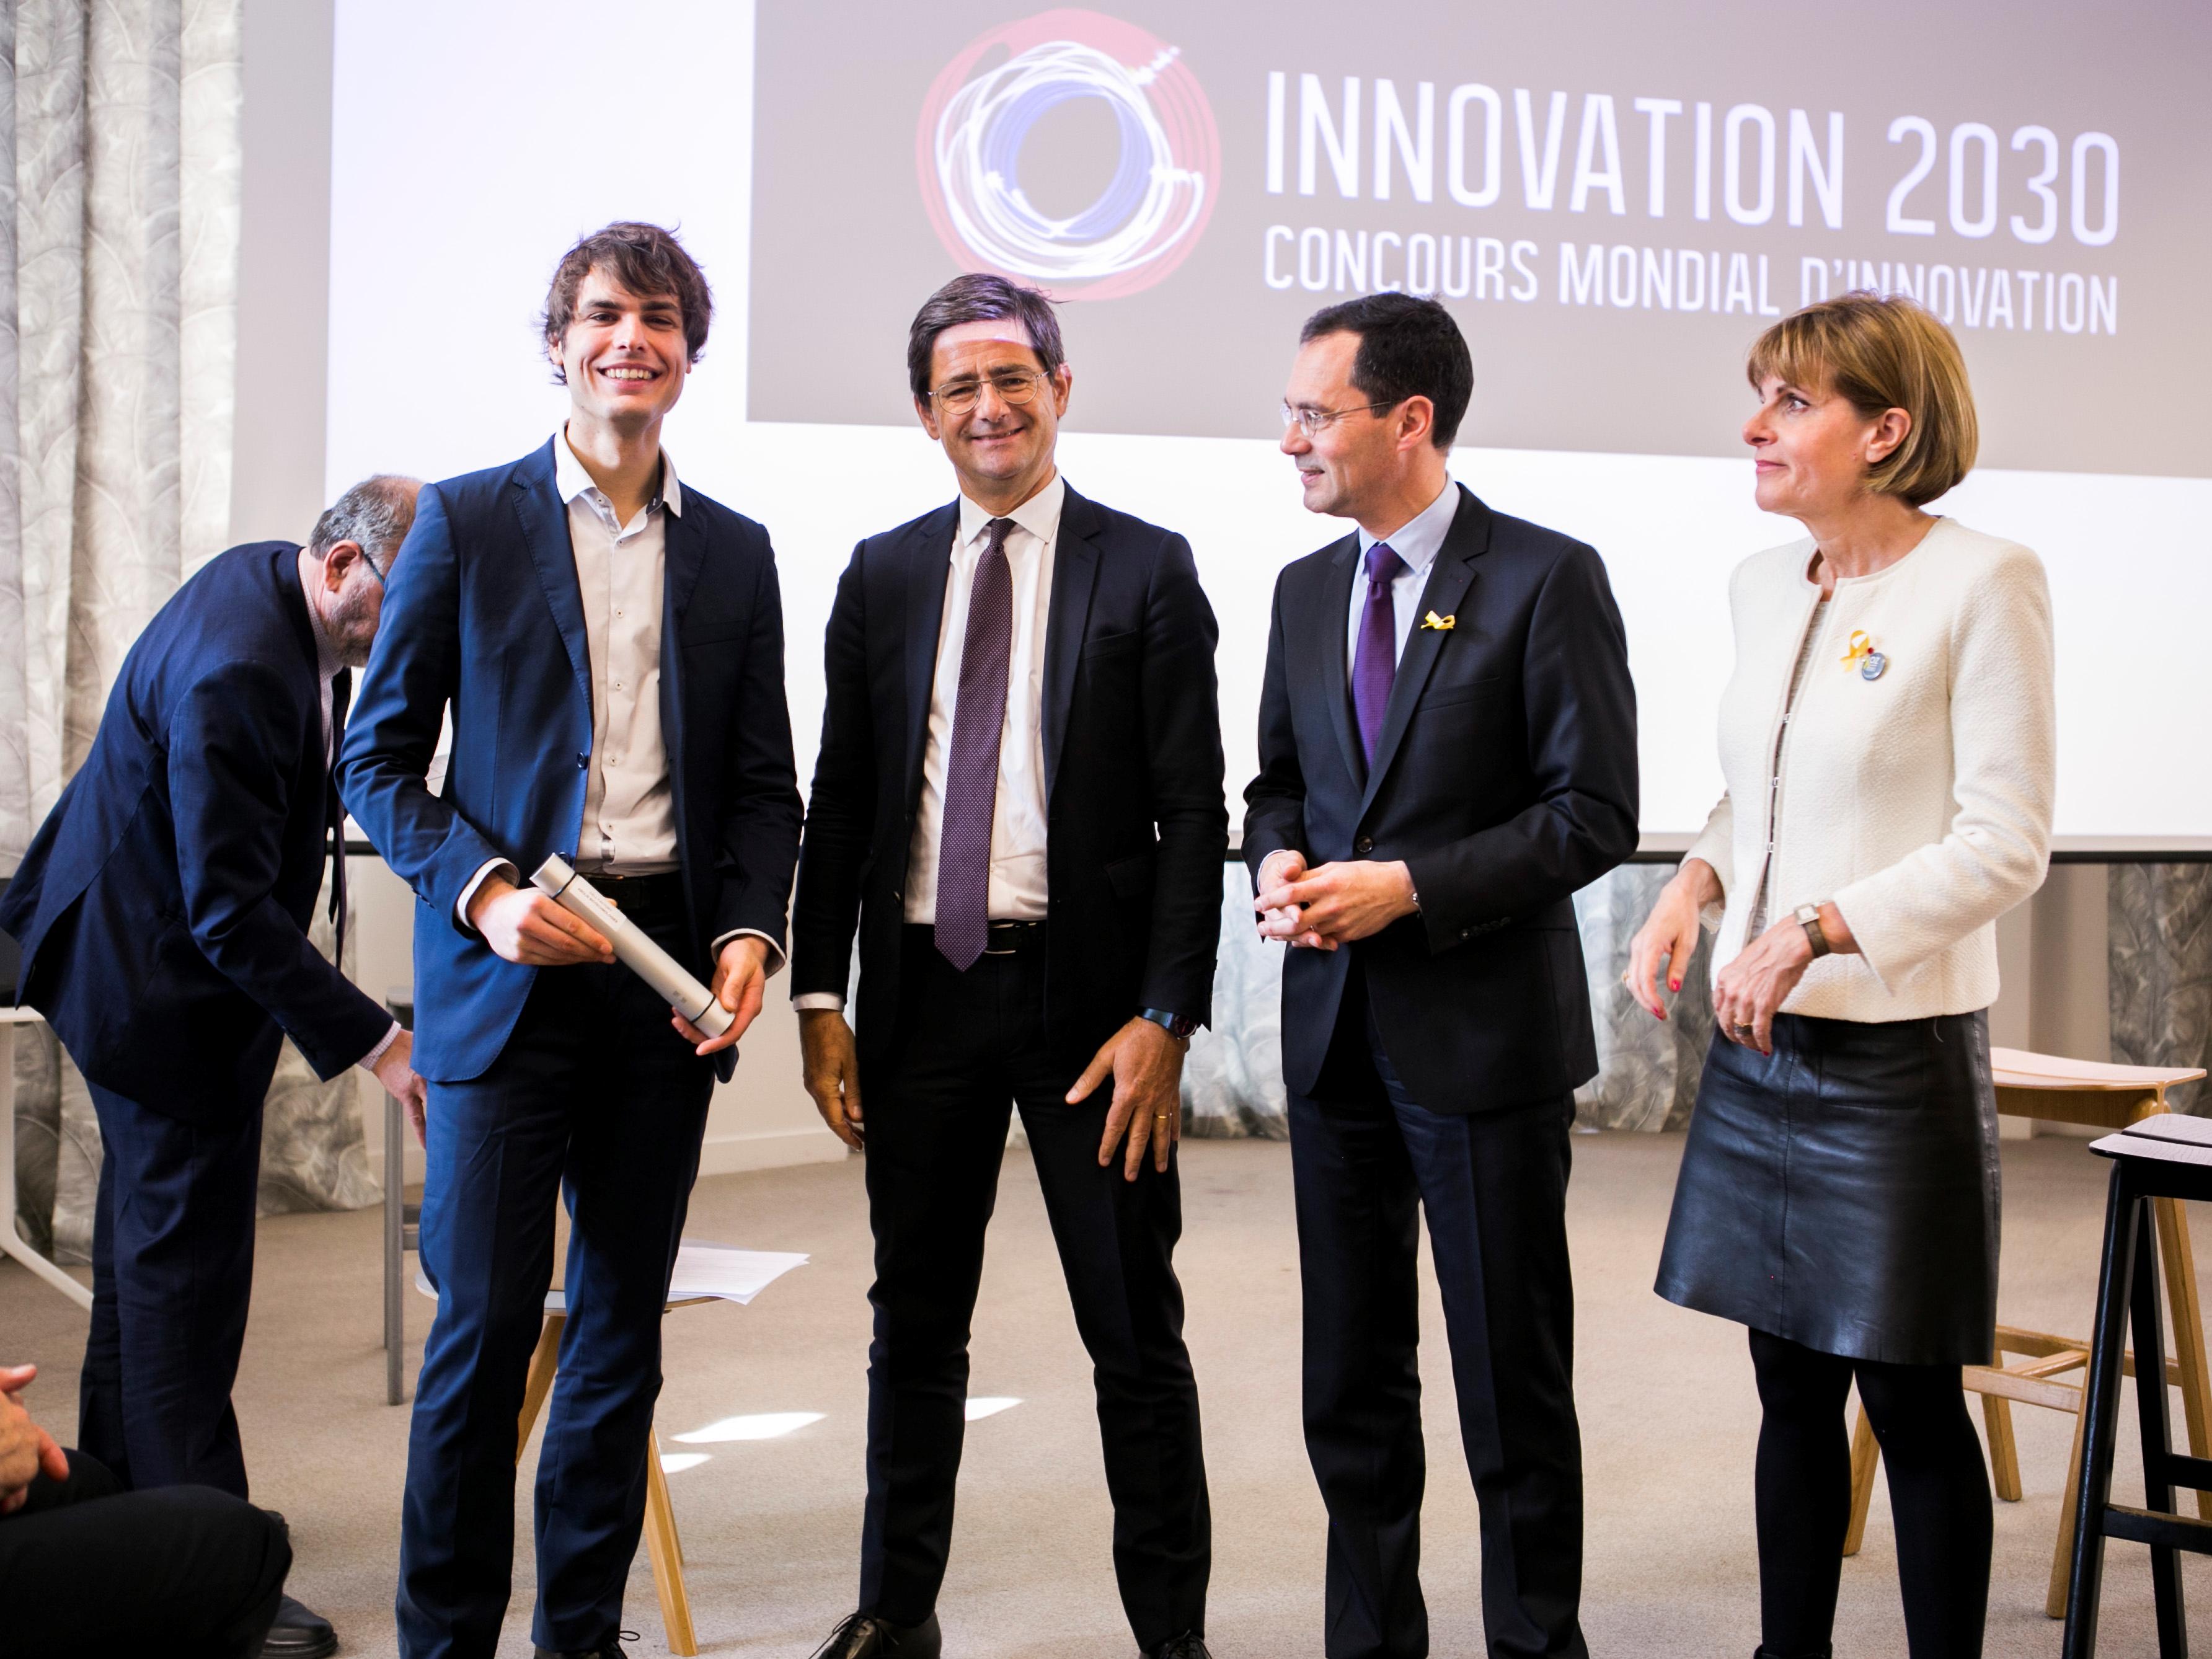 De gauche à droite : Cyrille Pauthenier, président d'Abolis, reçoit le prix le 26 mars remis par Nicolas Dufourcq, PDG de BPI France, Guillaume Boudy, secrétaire général pour l'investissement et Anne Lauvergeon, présidente de la Commission Innovation 2030.